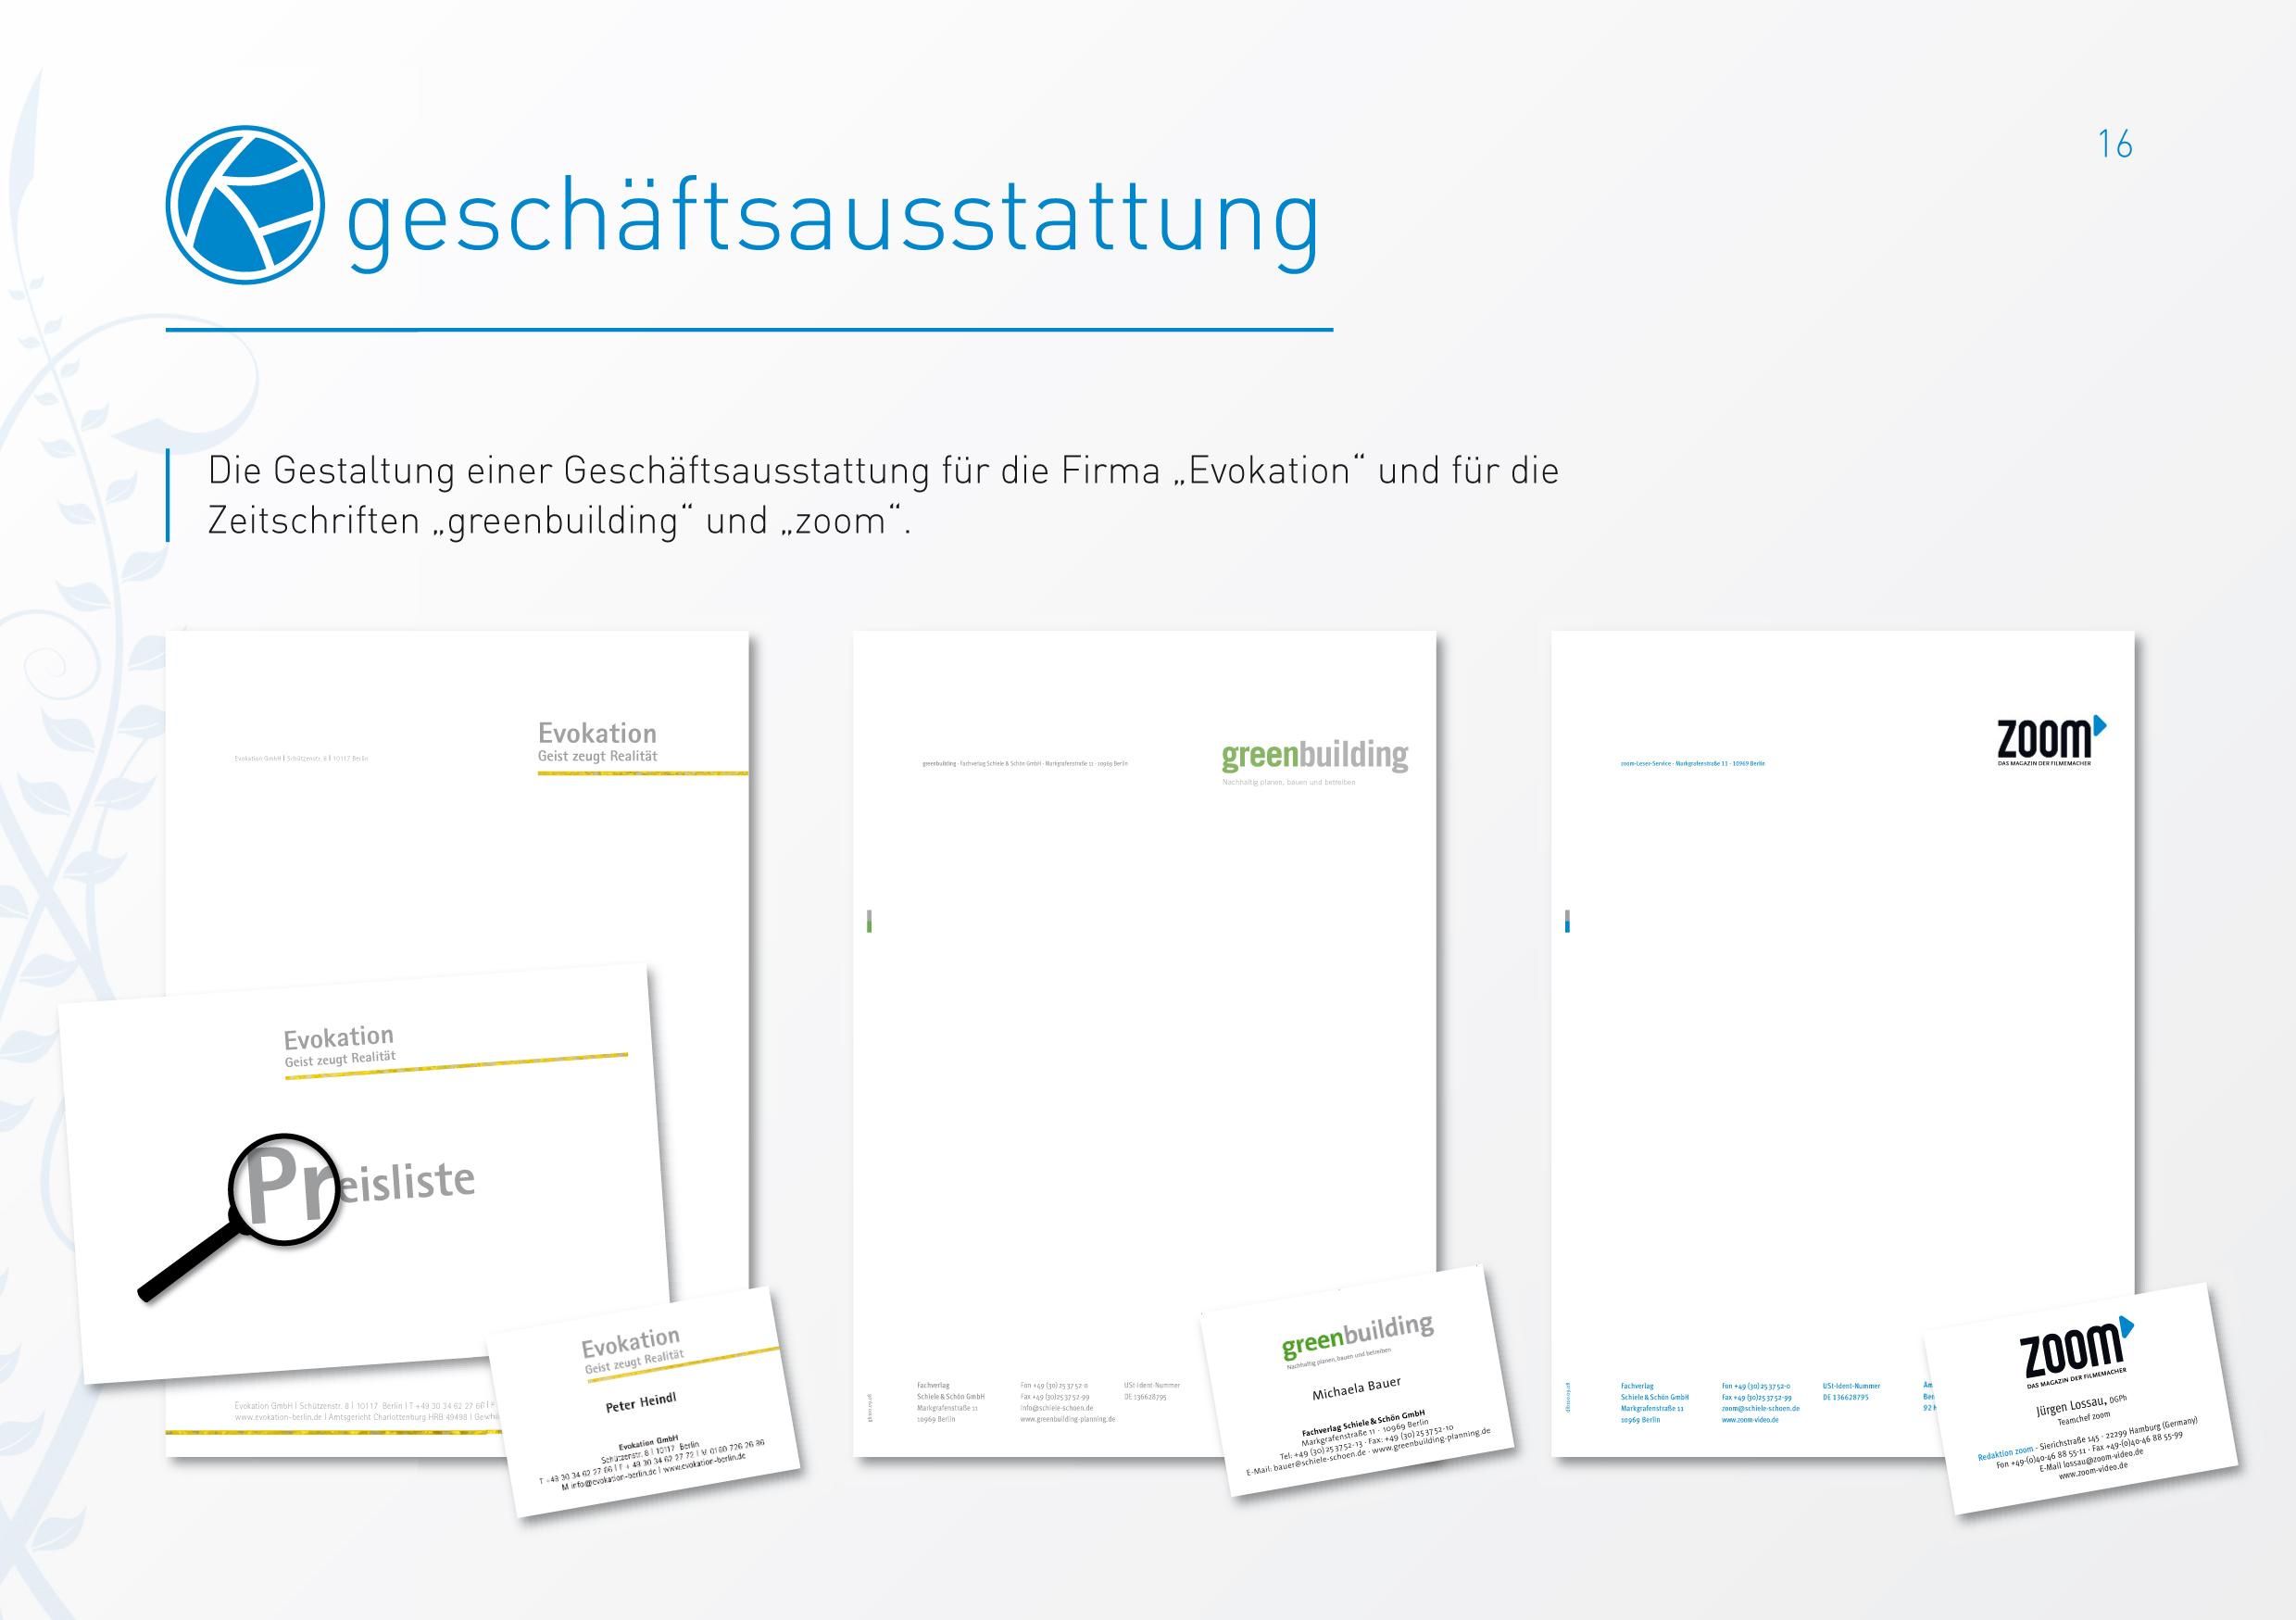 gesch__ftsausstattung